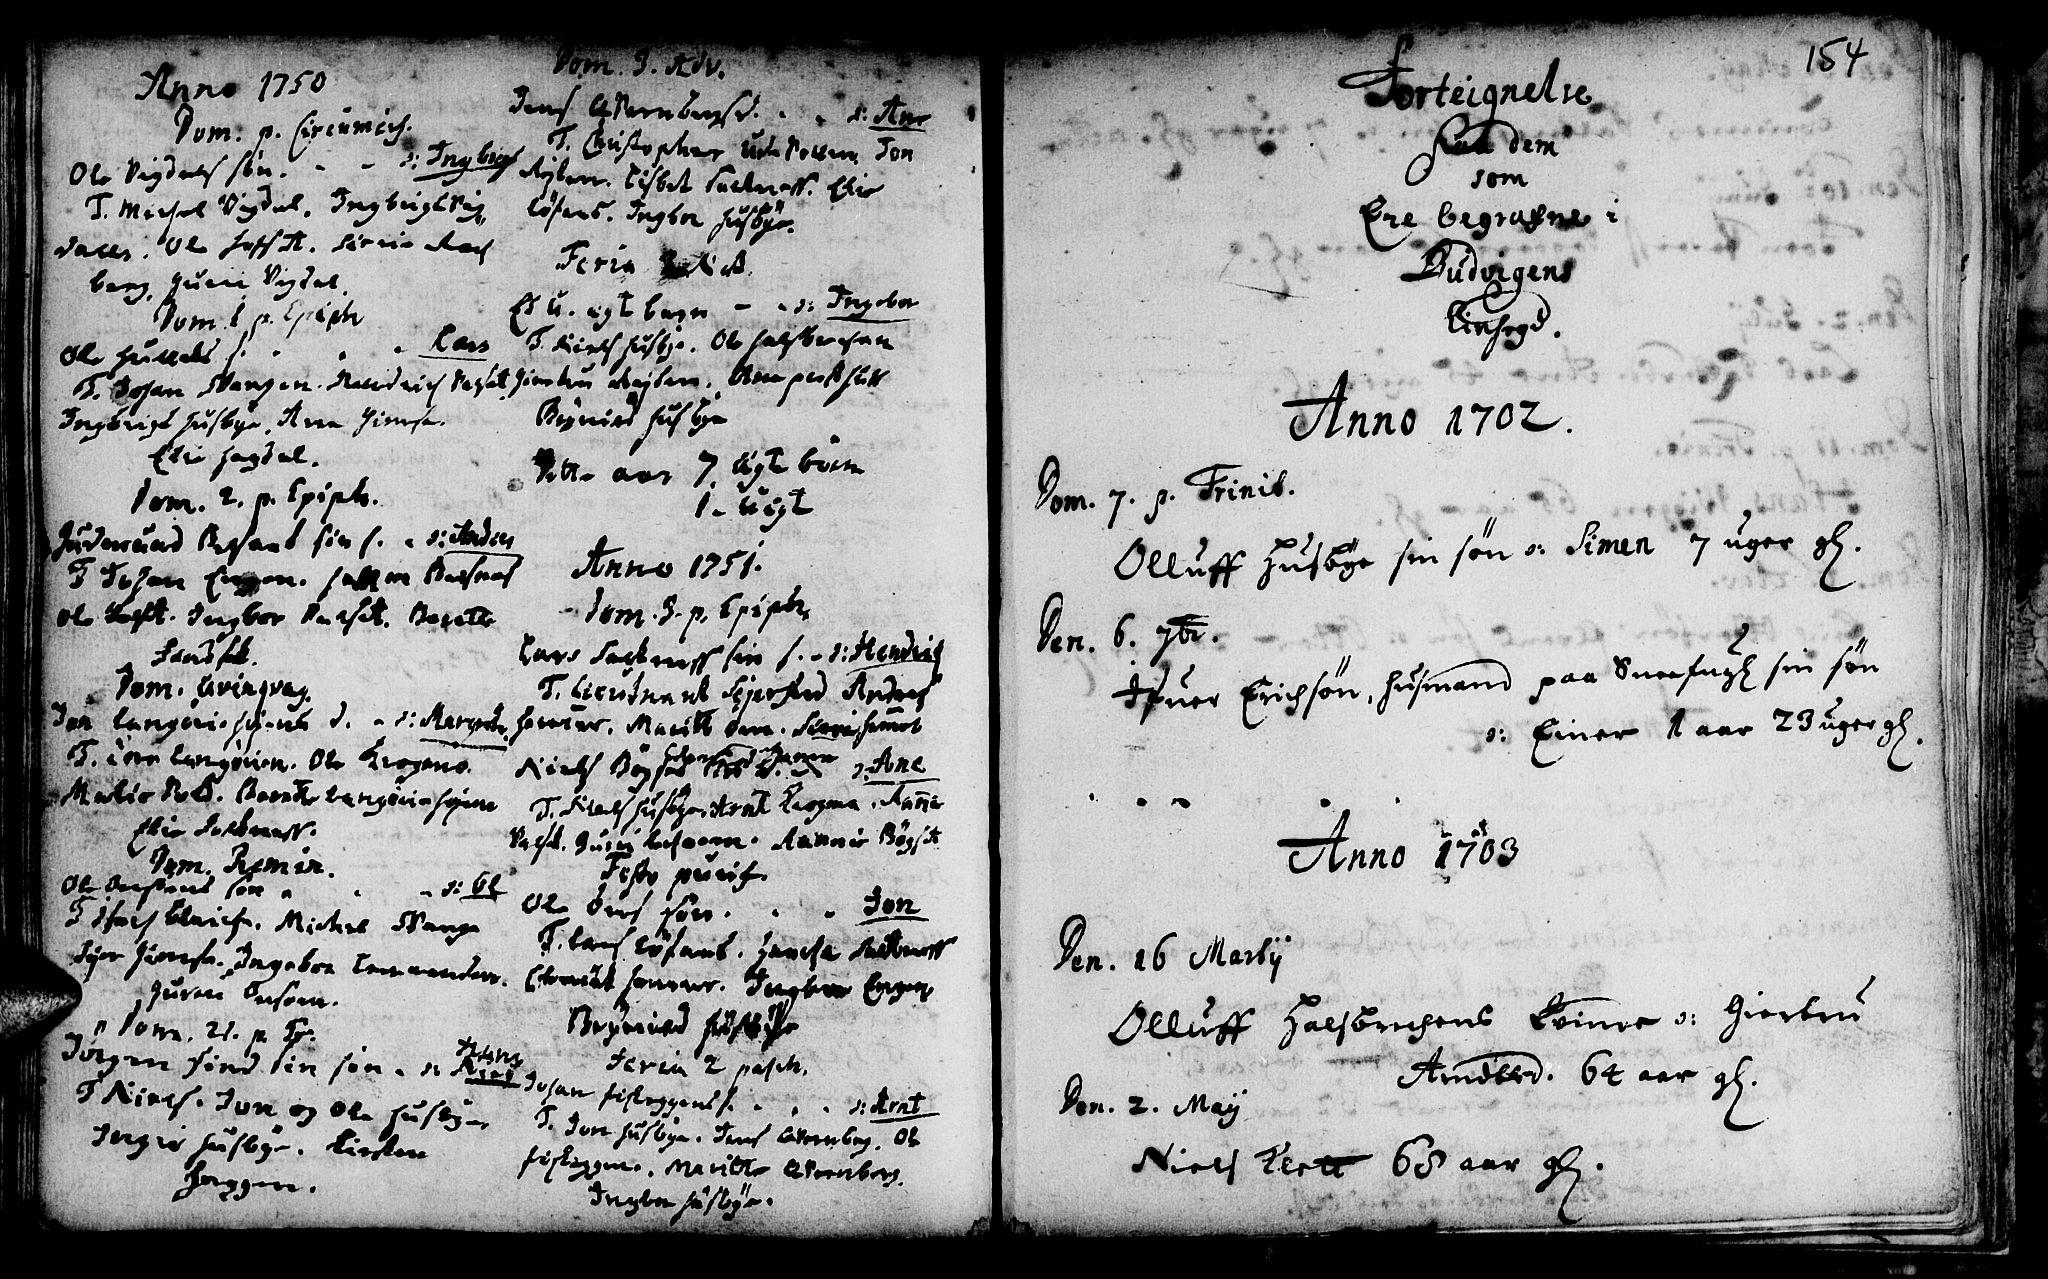 SAT, Ministerialprotokoller, klokkerbøker og fødselsregistre - Sør-Trøndelag, 666/L0783: Ministerialbok nr. 666A01, 1702-1753, s. 154